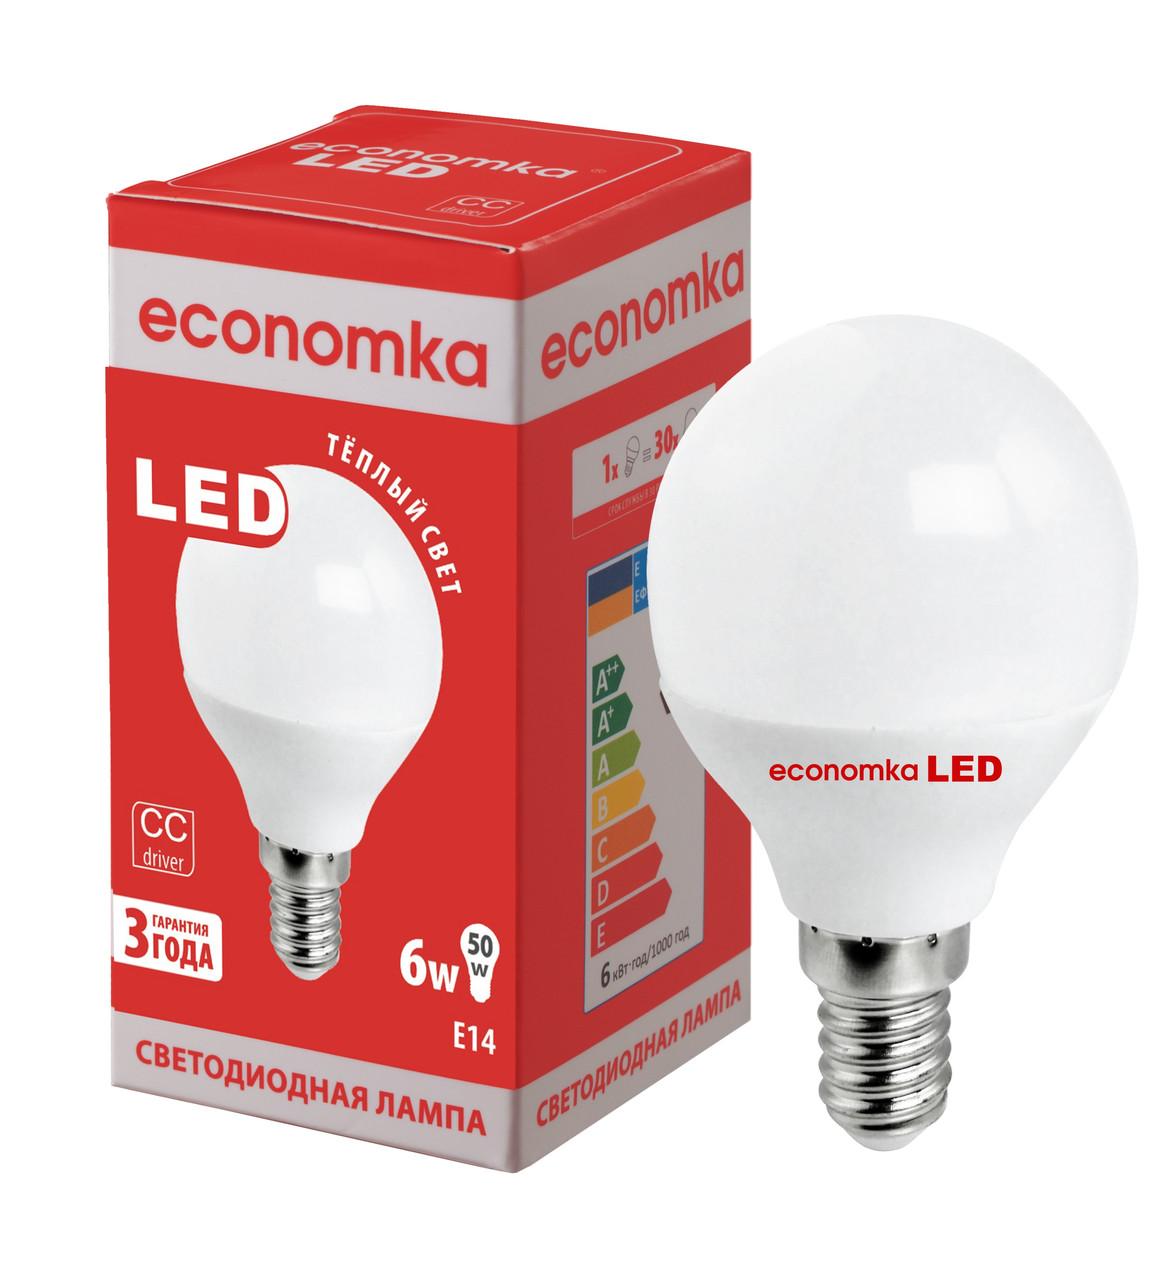 Светодиодная лампа Economka LED G45 6W E14-2800К